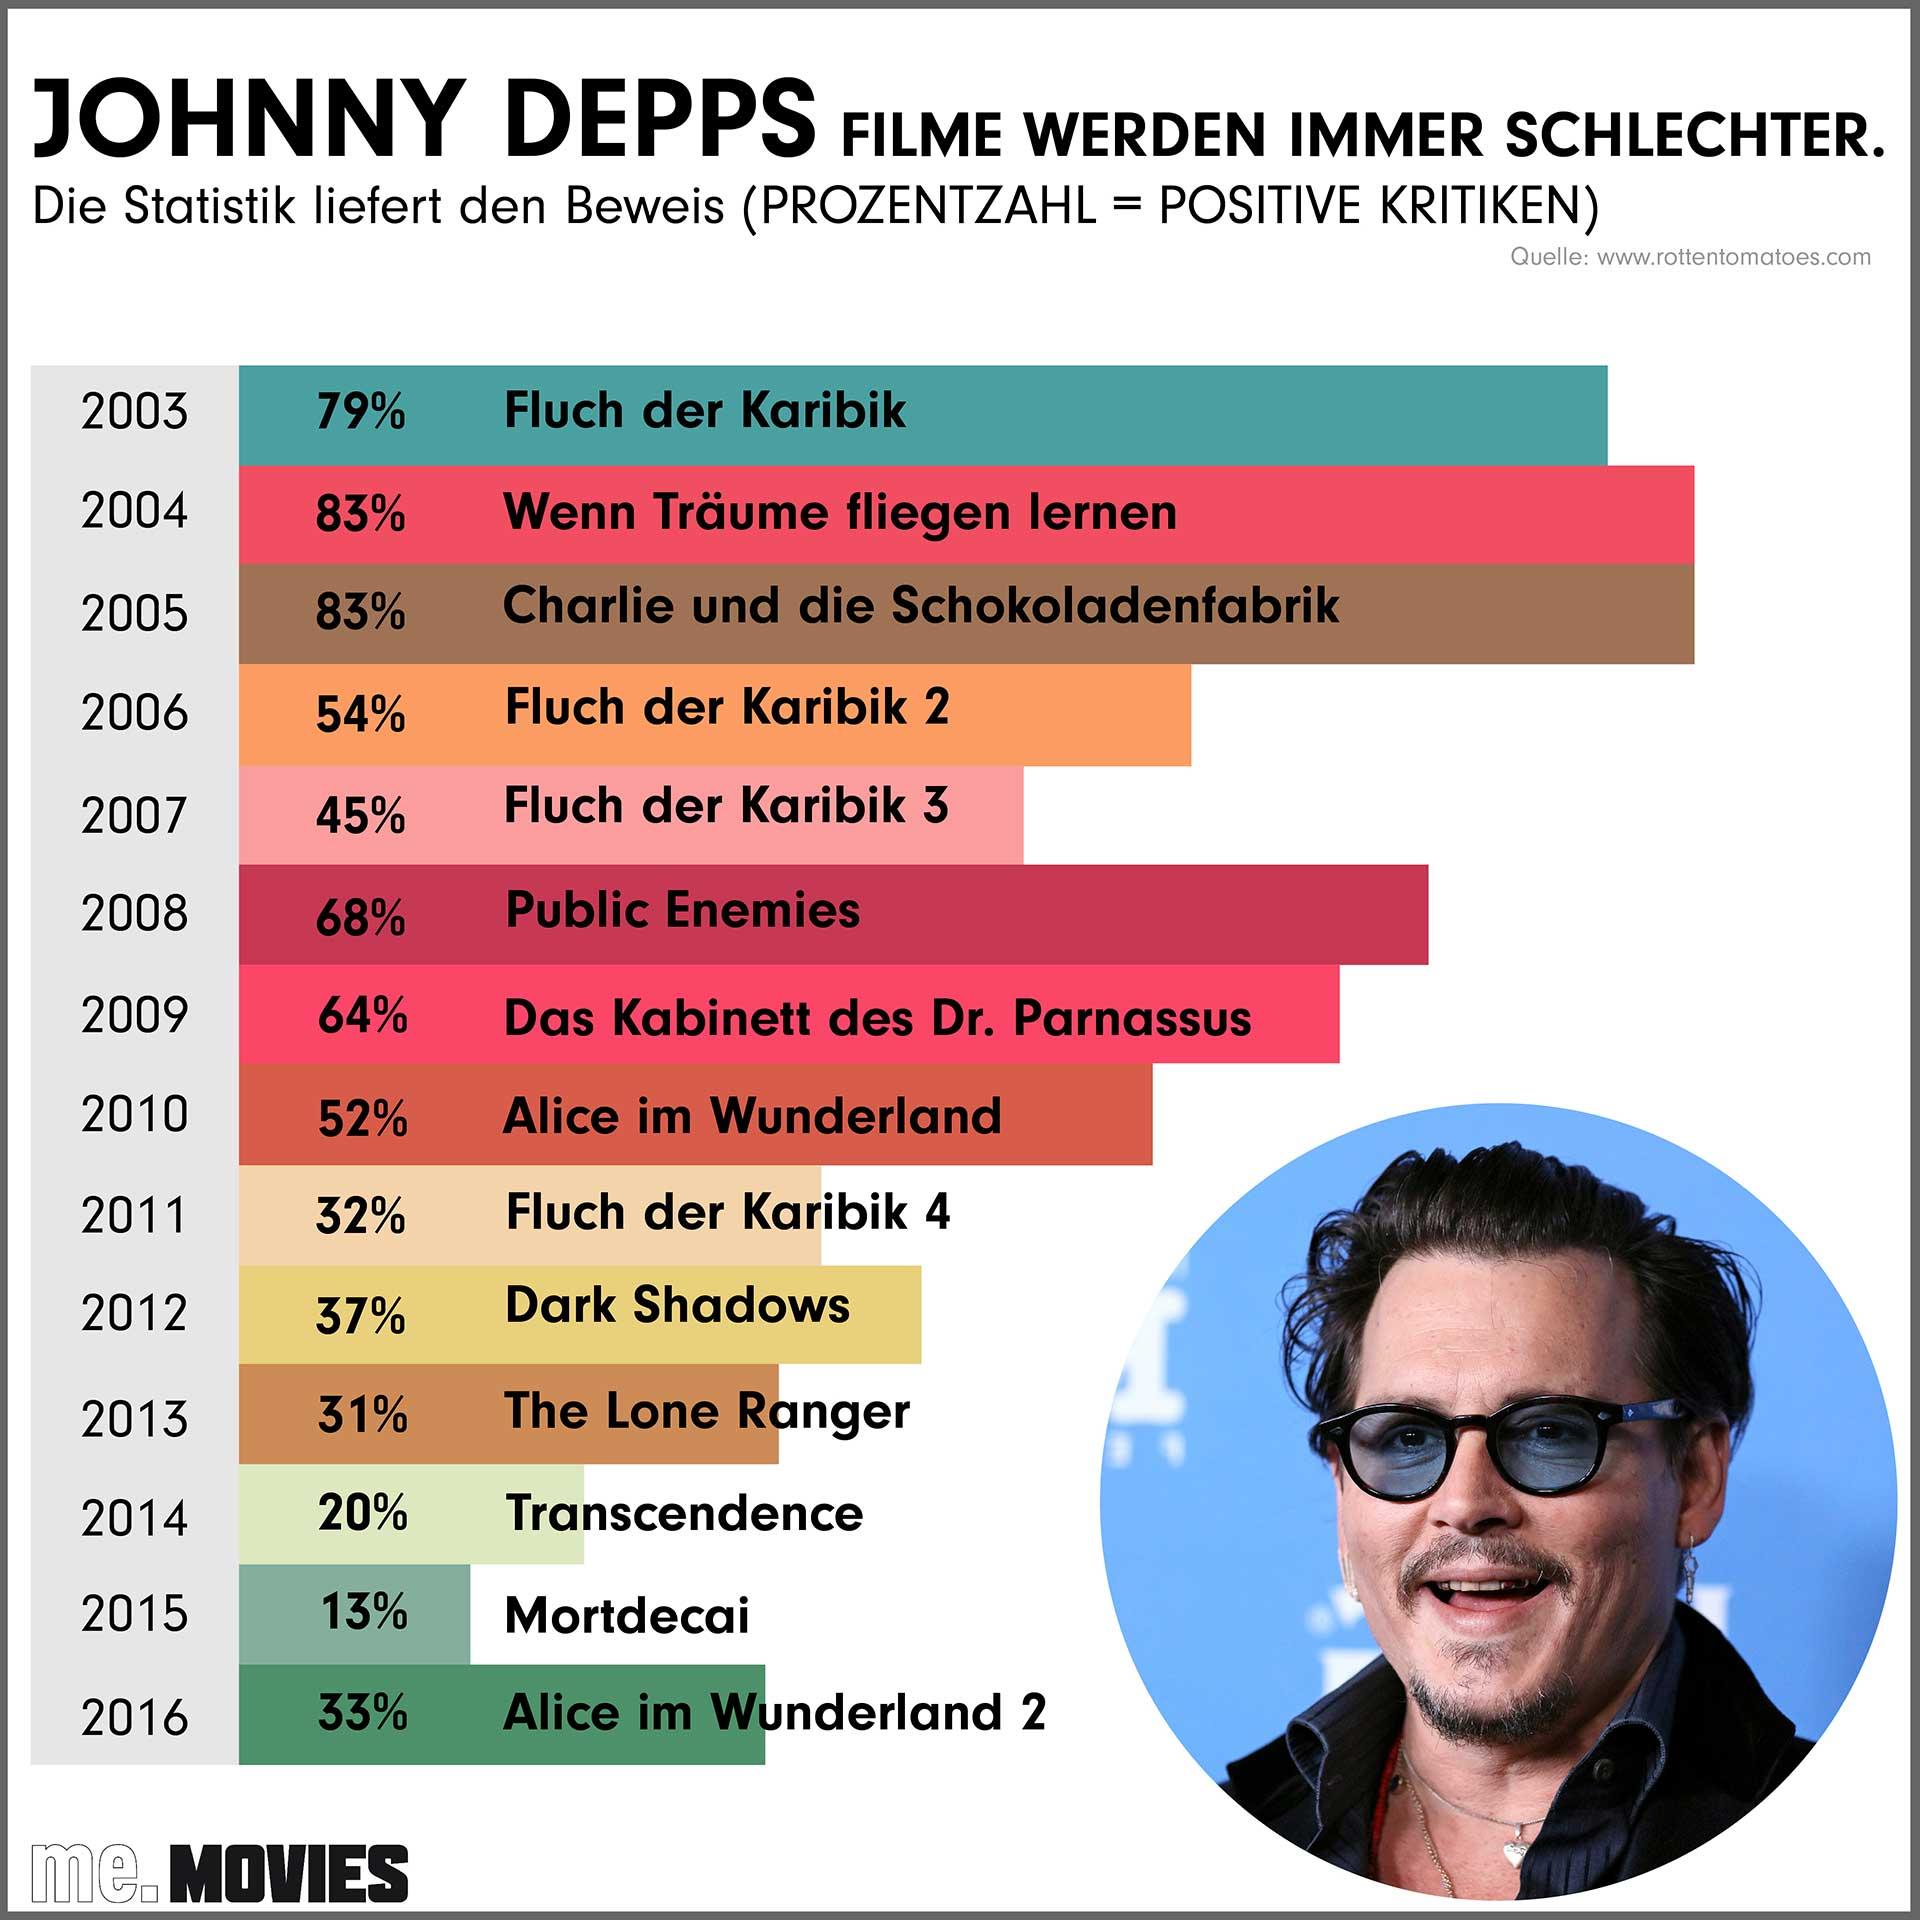 Der Beweis: Die Filme von Johnny Depp werden immer schlechter.